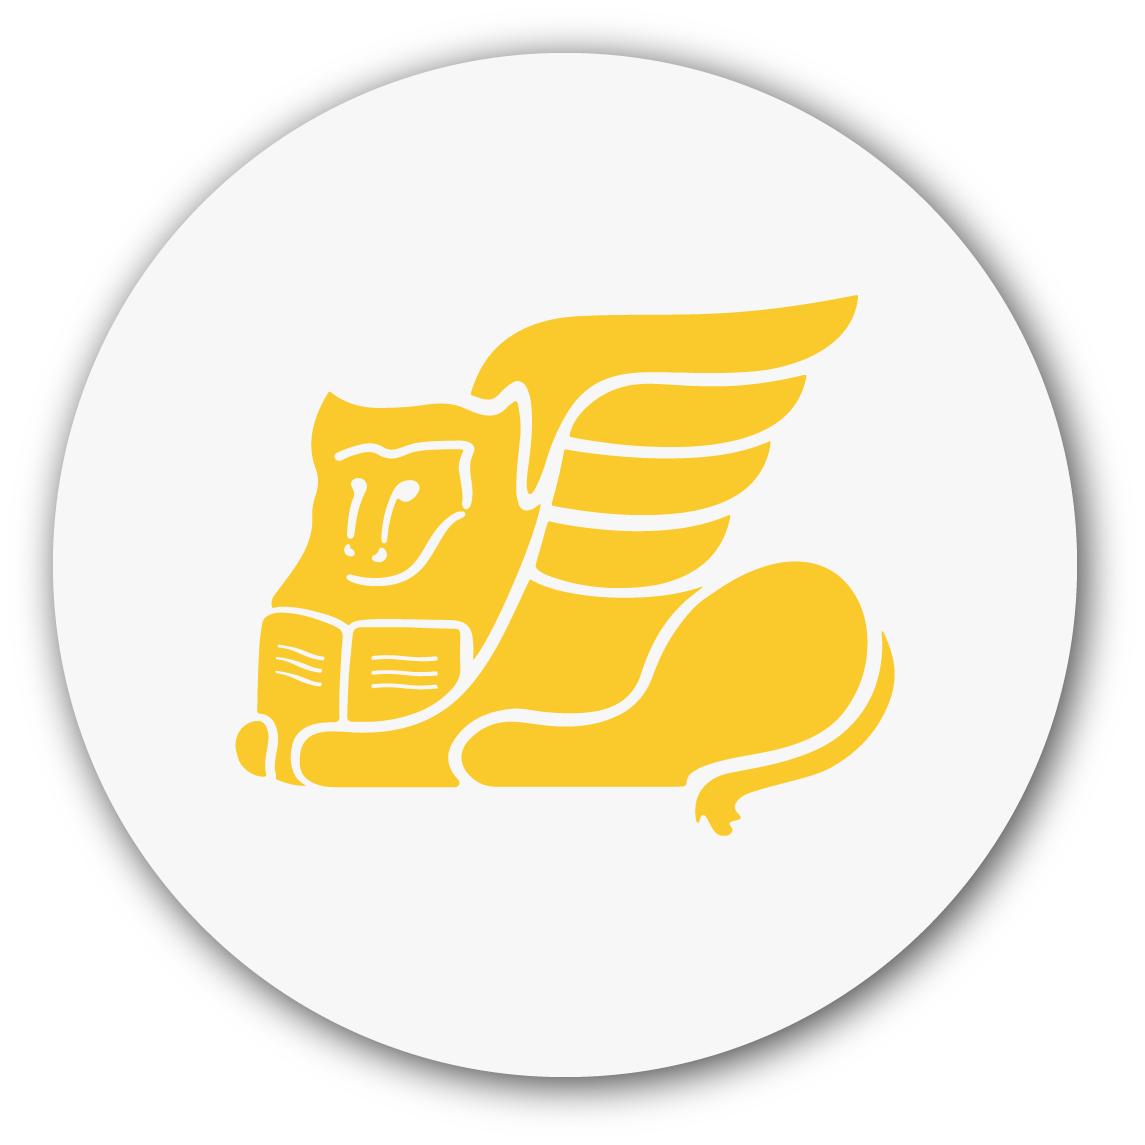 Leone icona infortunistica san marco su forma circolare